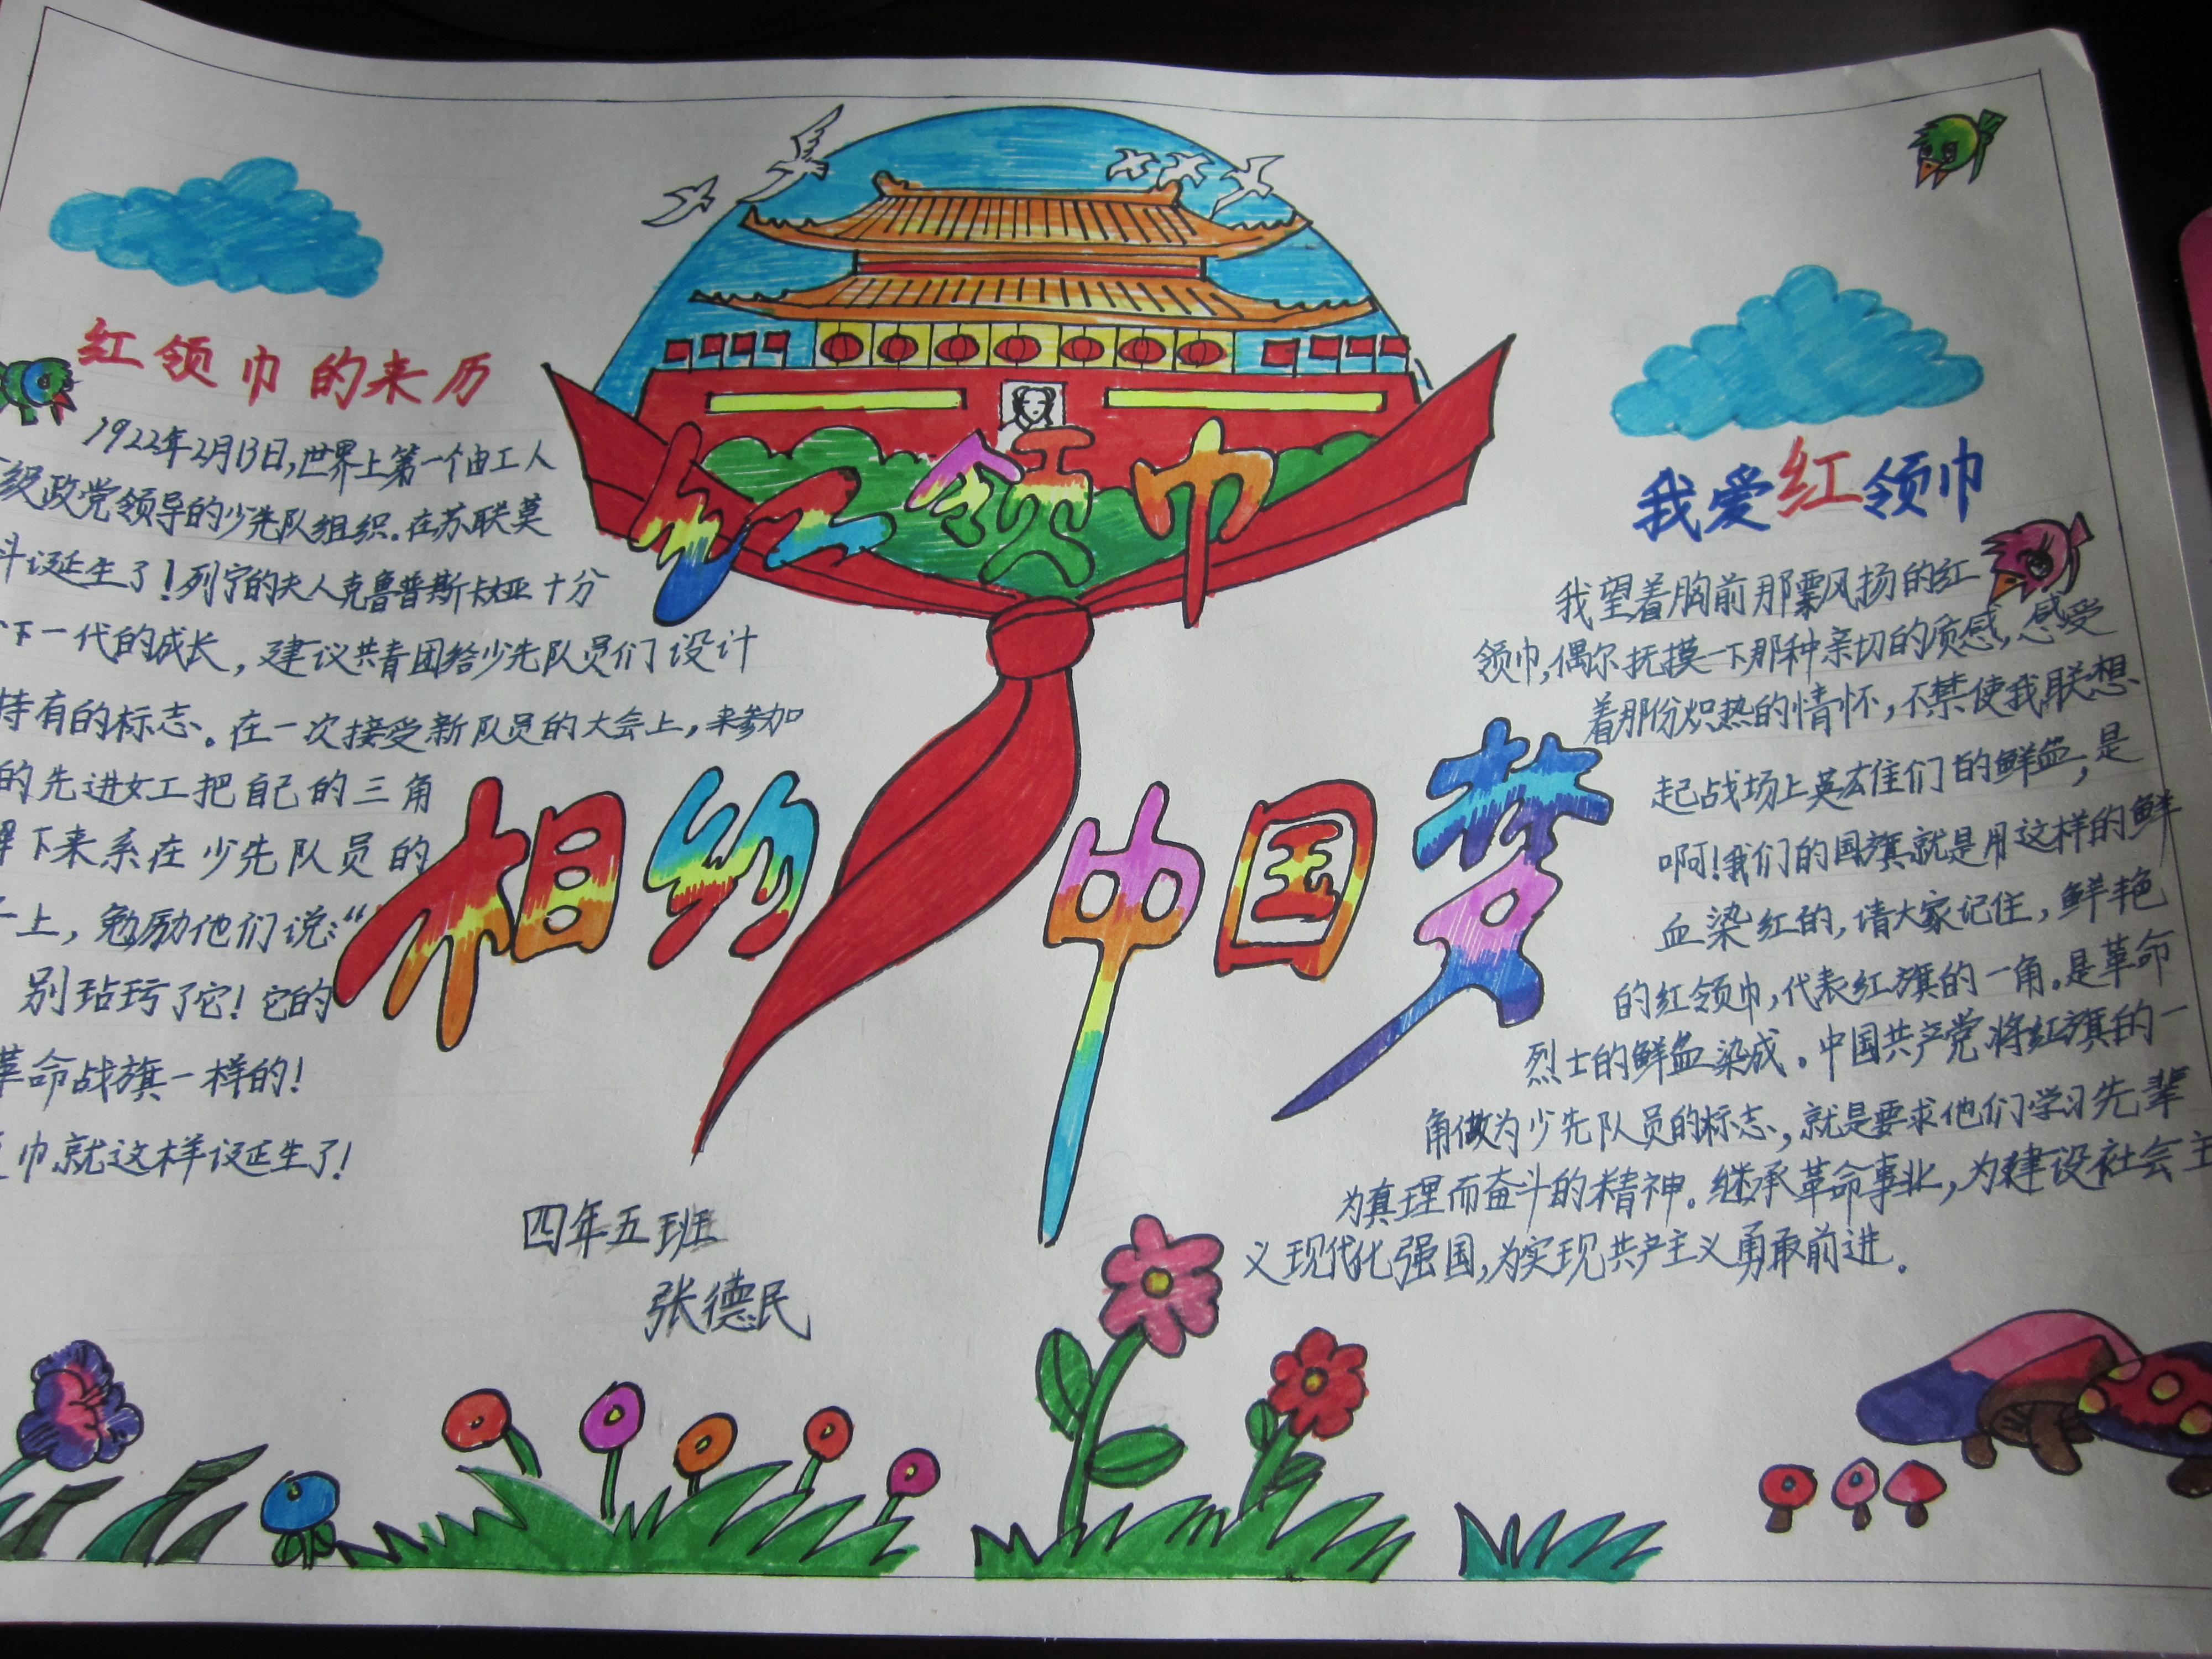 红领巾相约中国梦手抄报展评